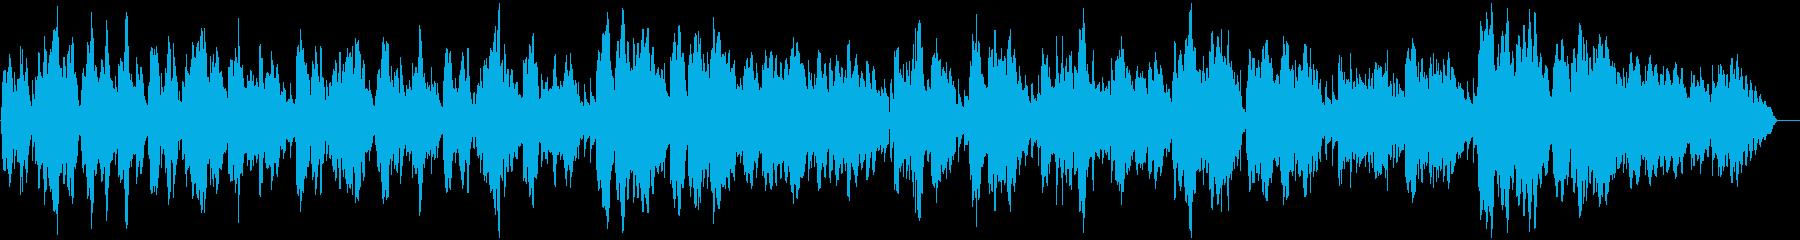 アコーディオンの牧歌ワルツの再生済みの波形